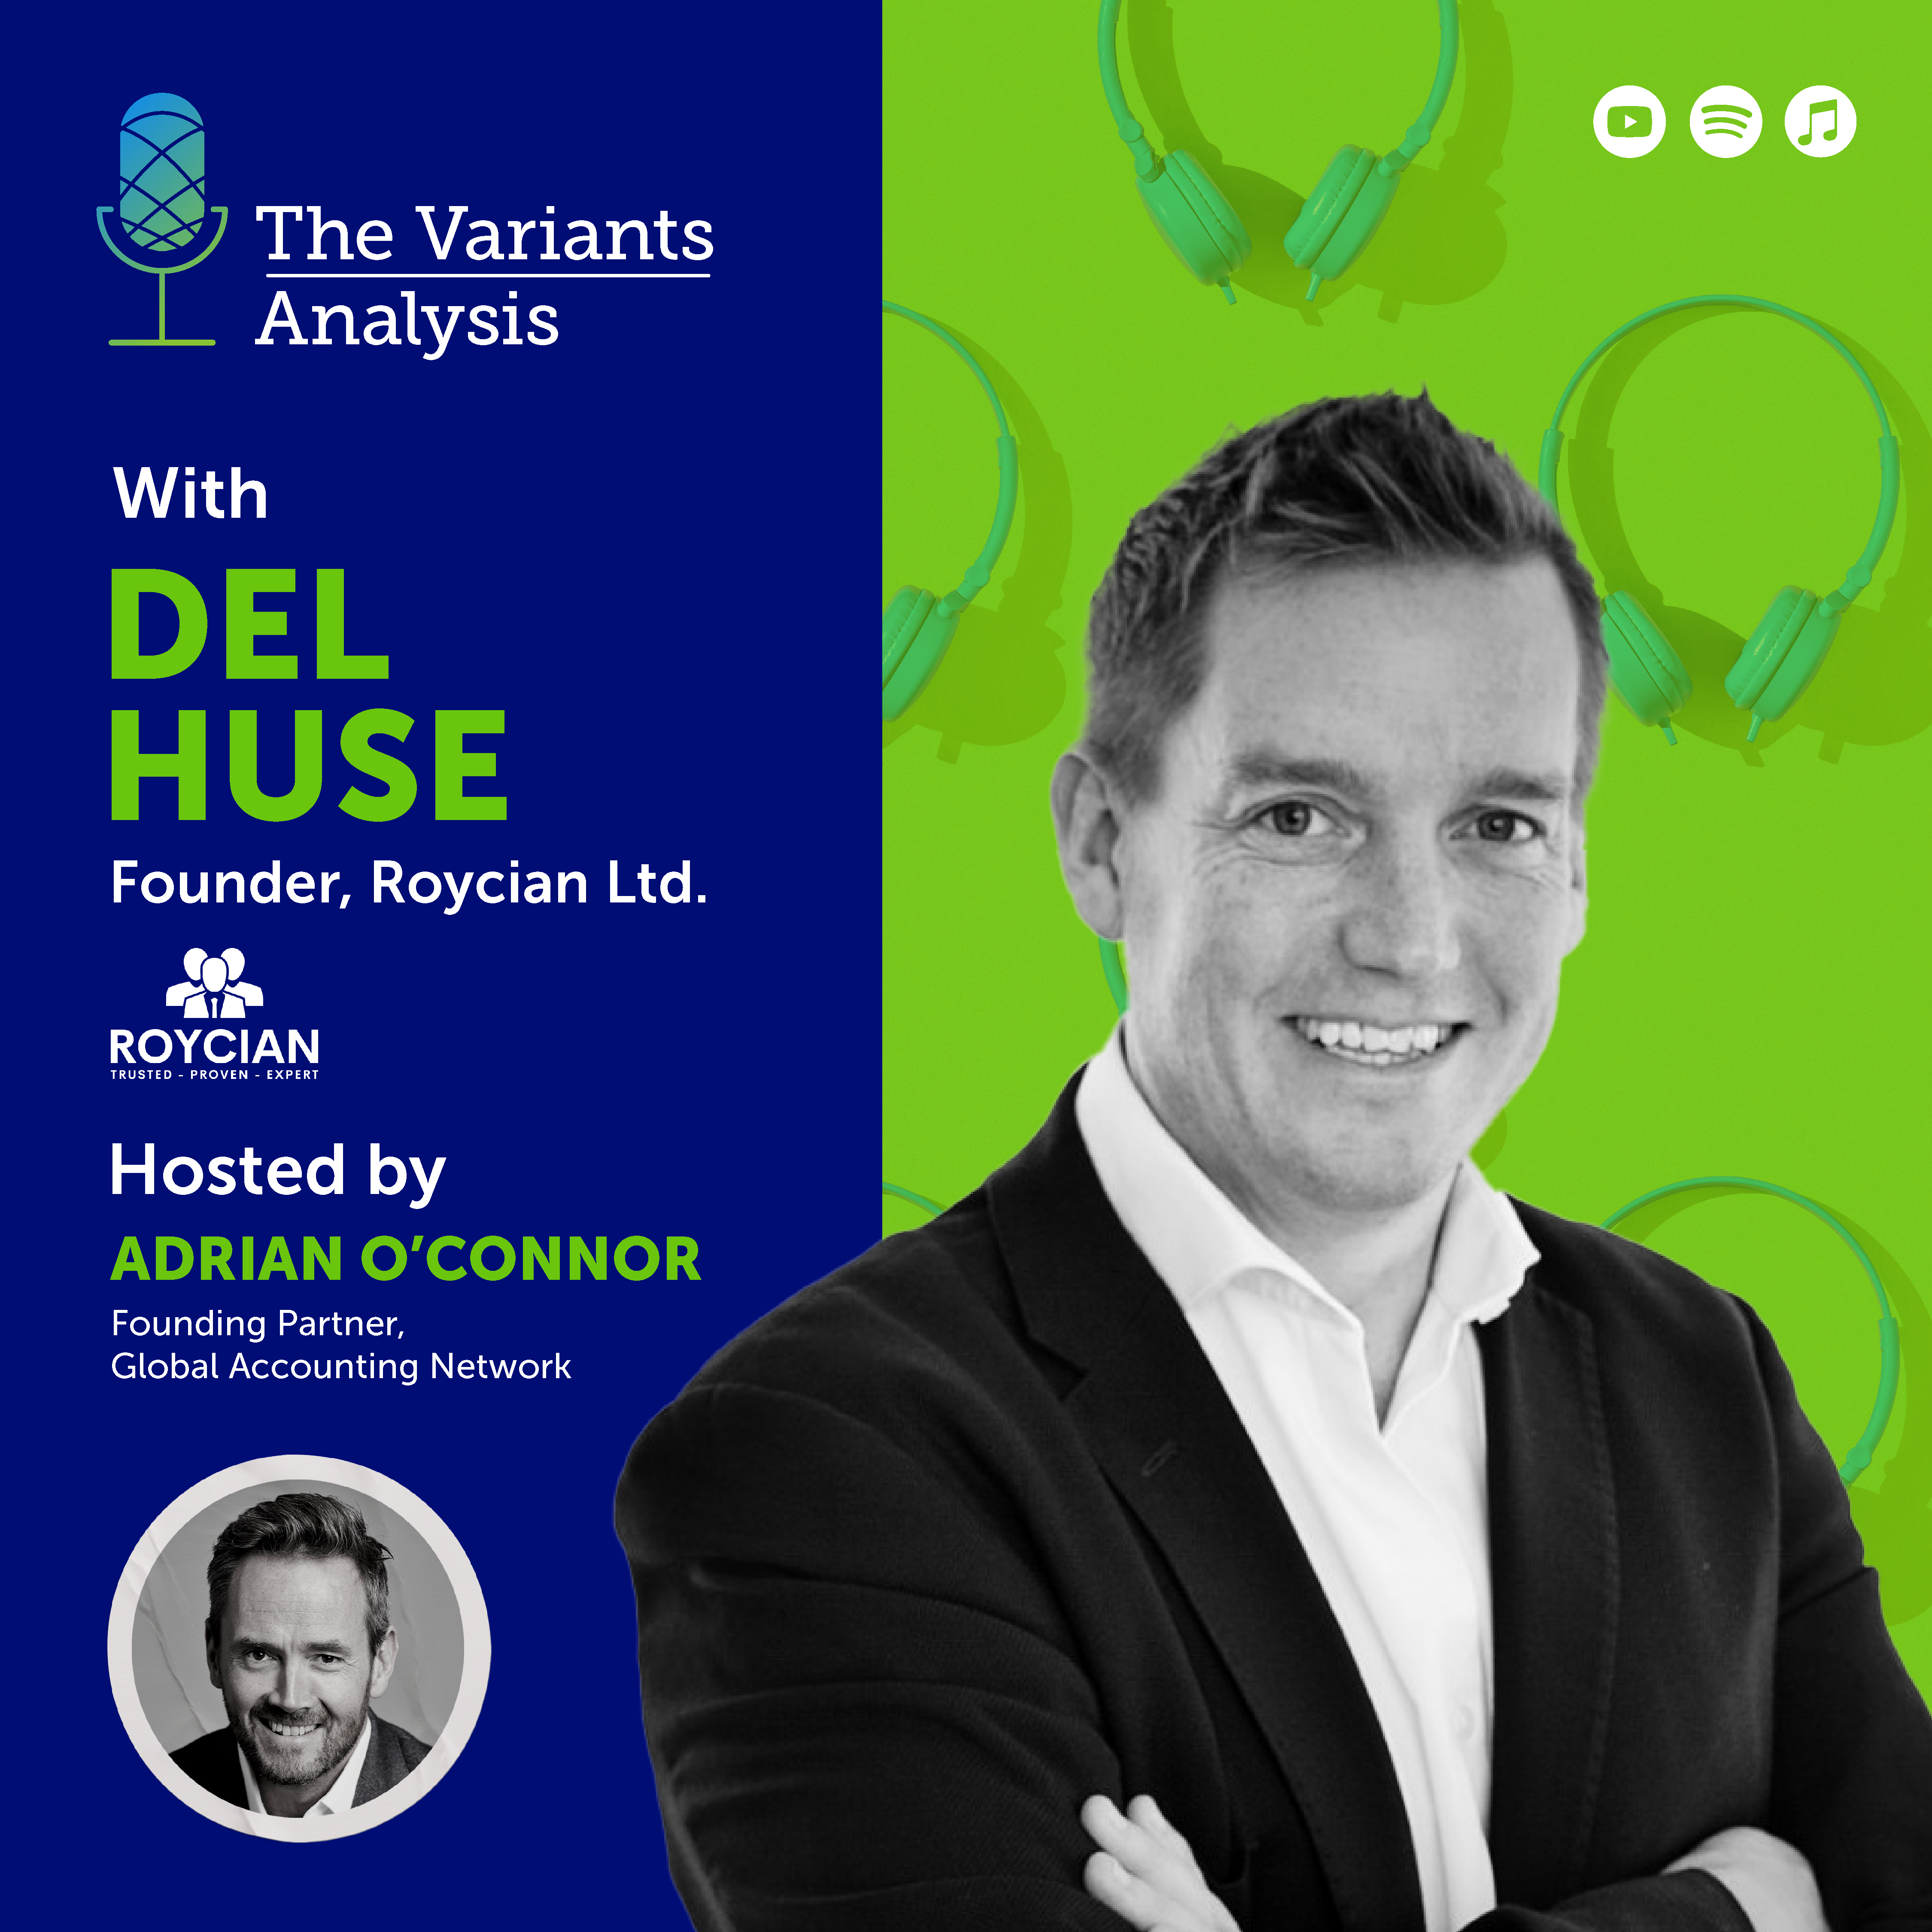 Season 1 | Episode 1 | Del Huse, founder of Roycian Ltd